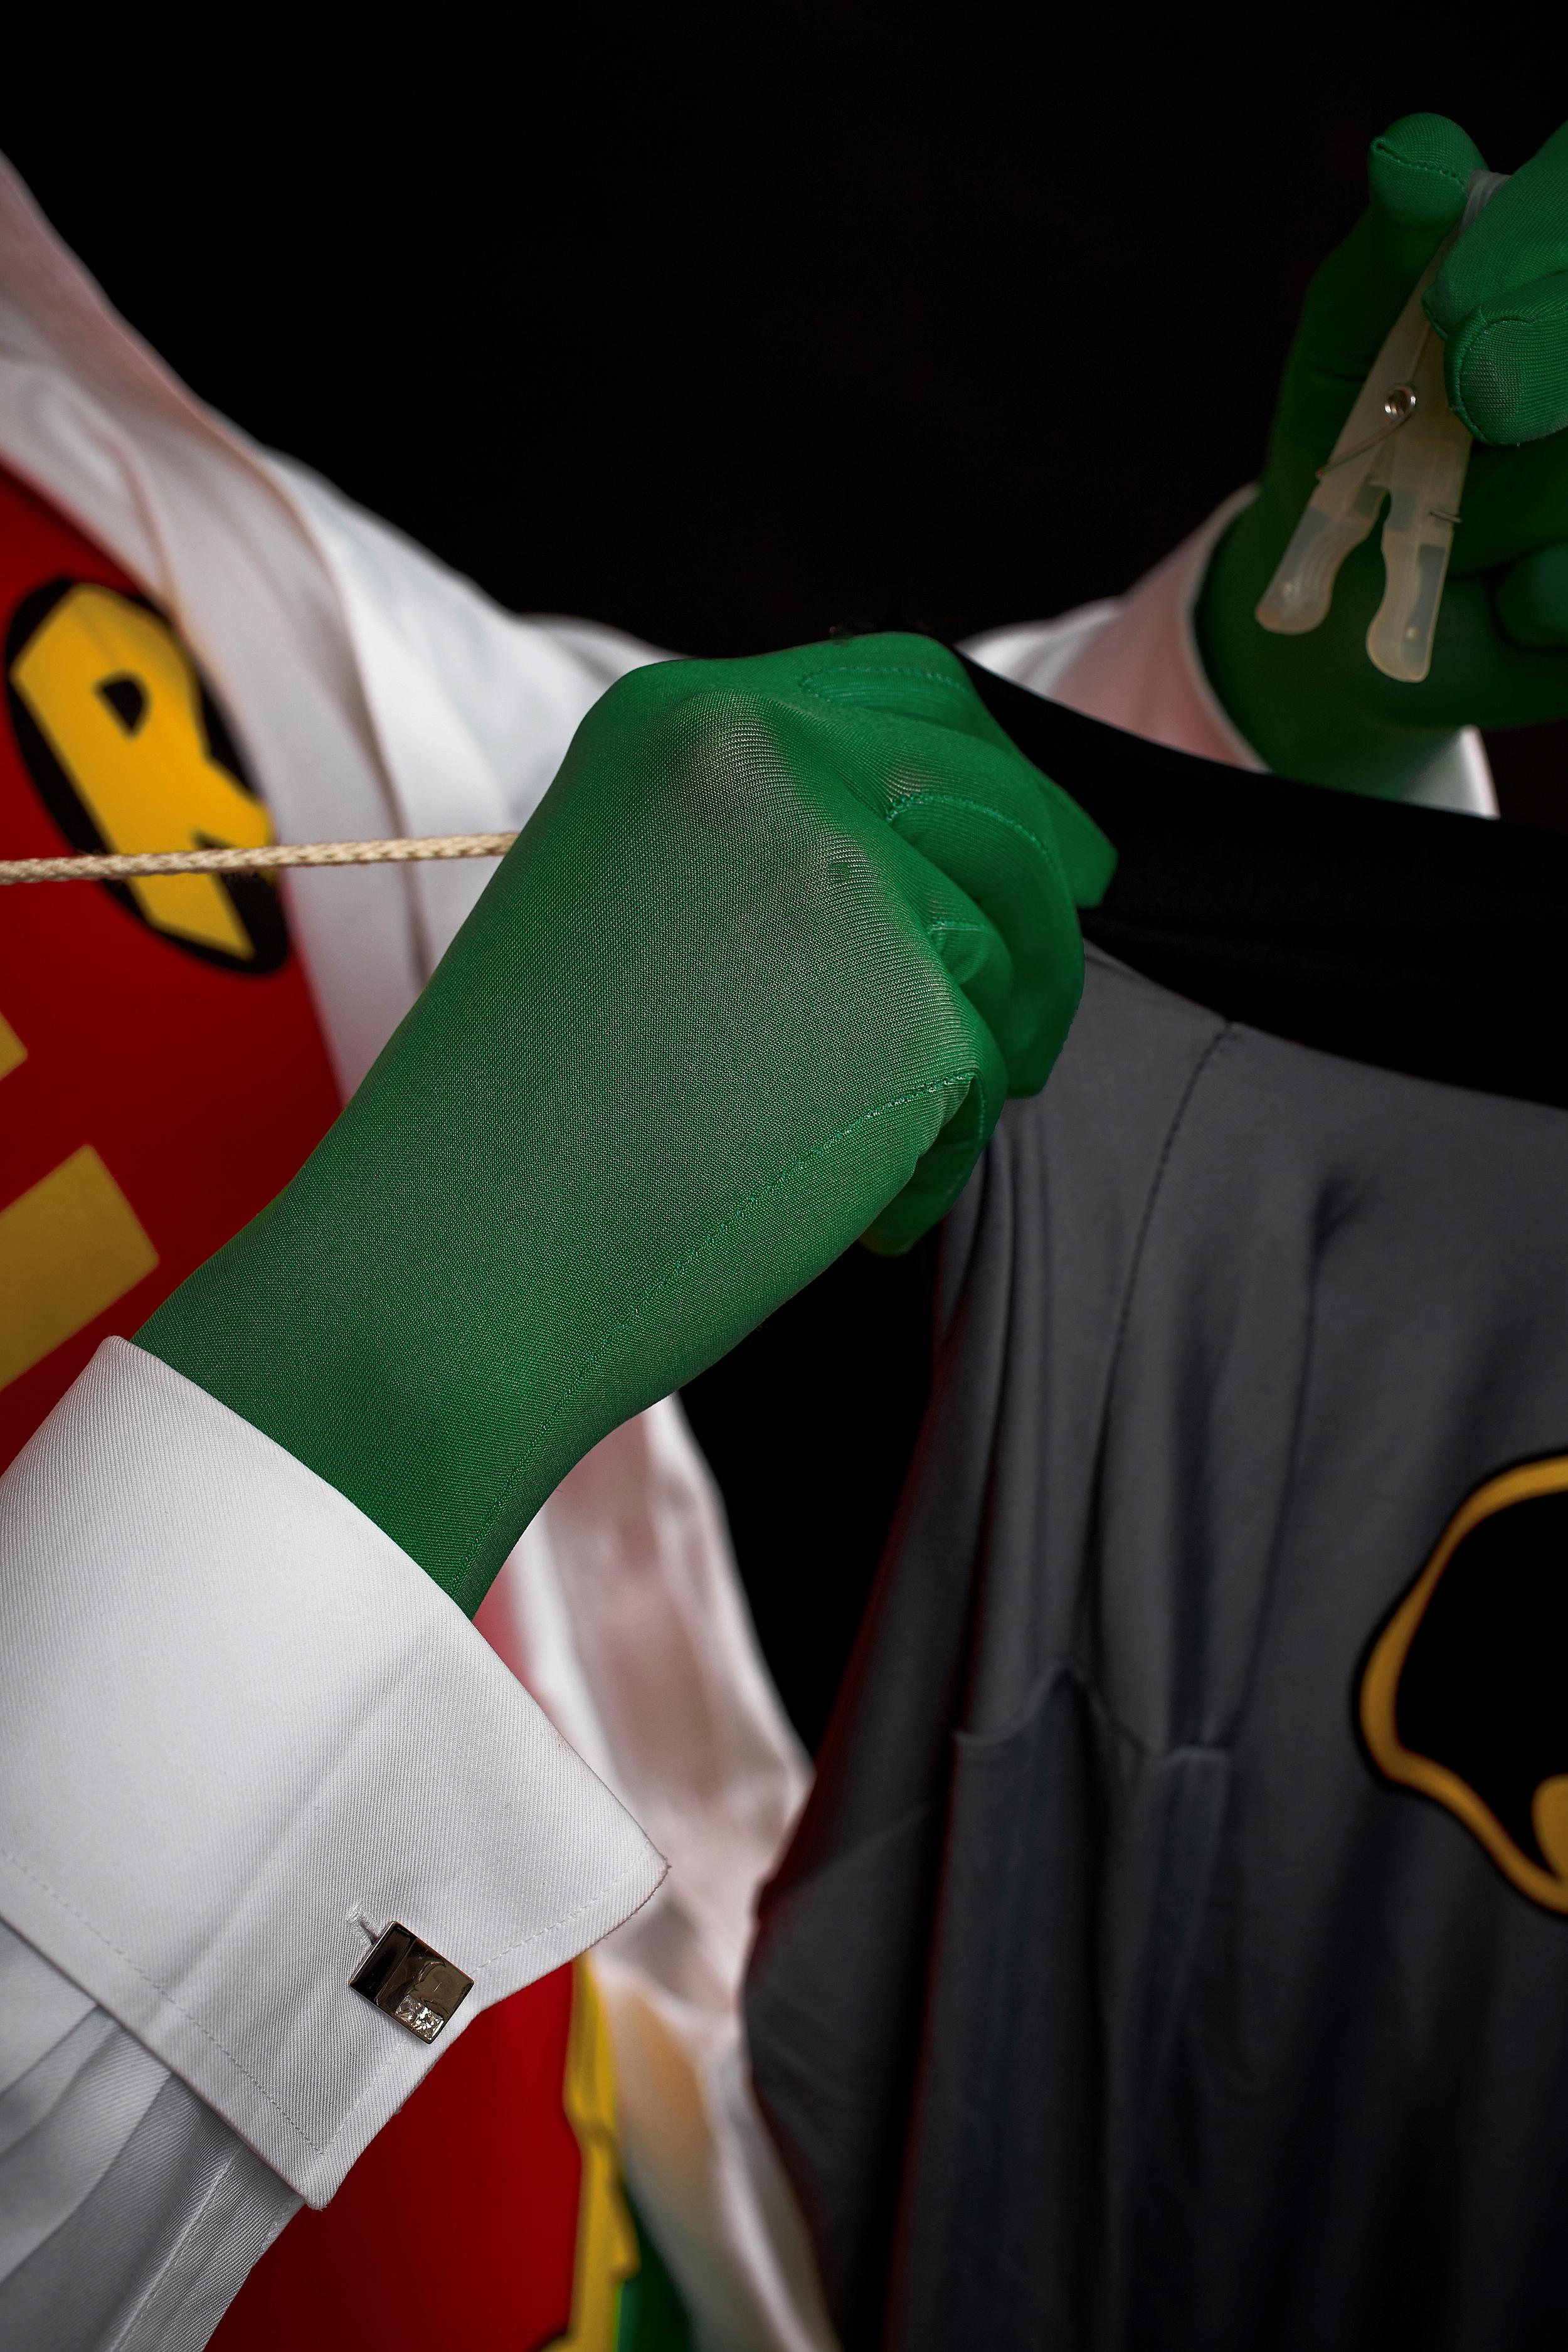 guyandmax_superheroes_cufflinks_crease_6719-002.jpg